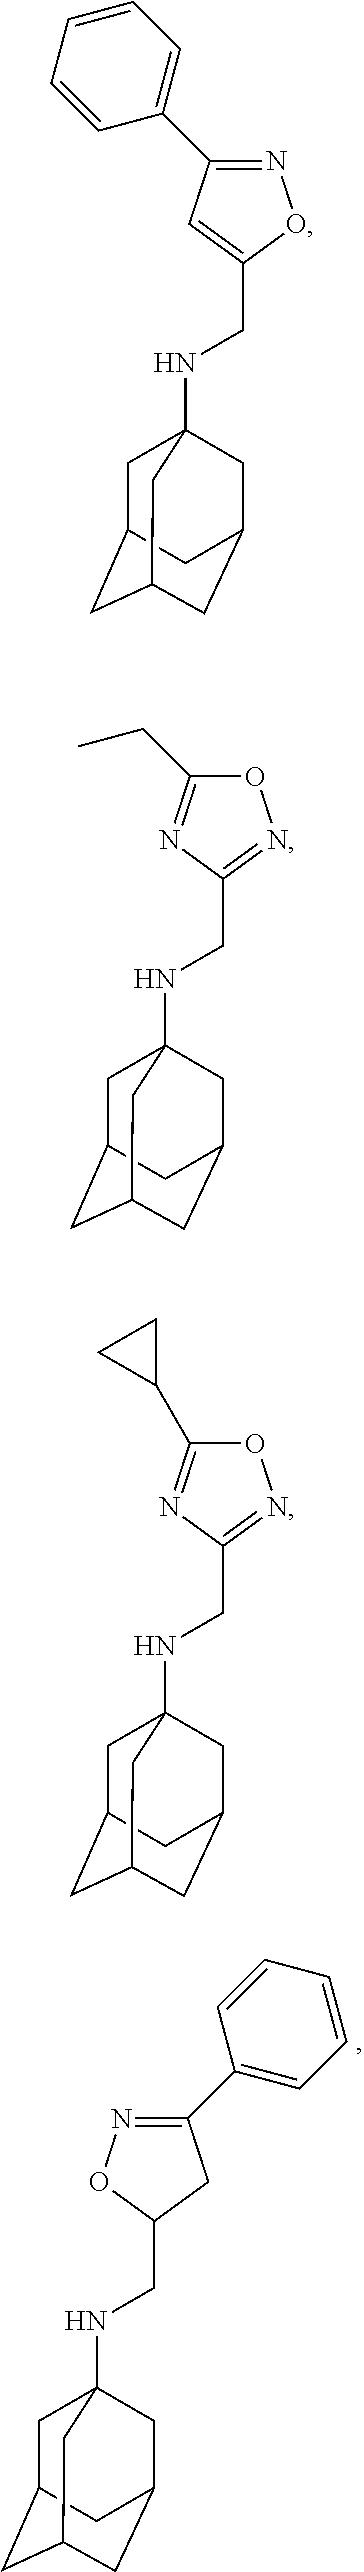 Figure US09884832-20180206-C00064